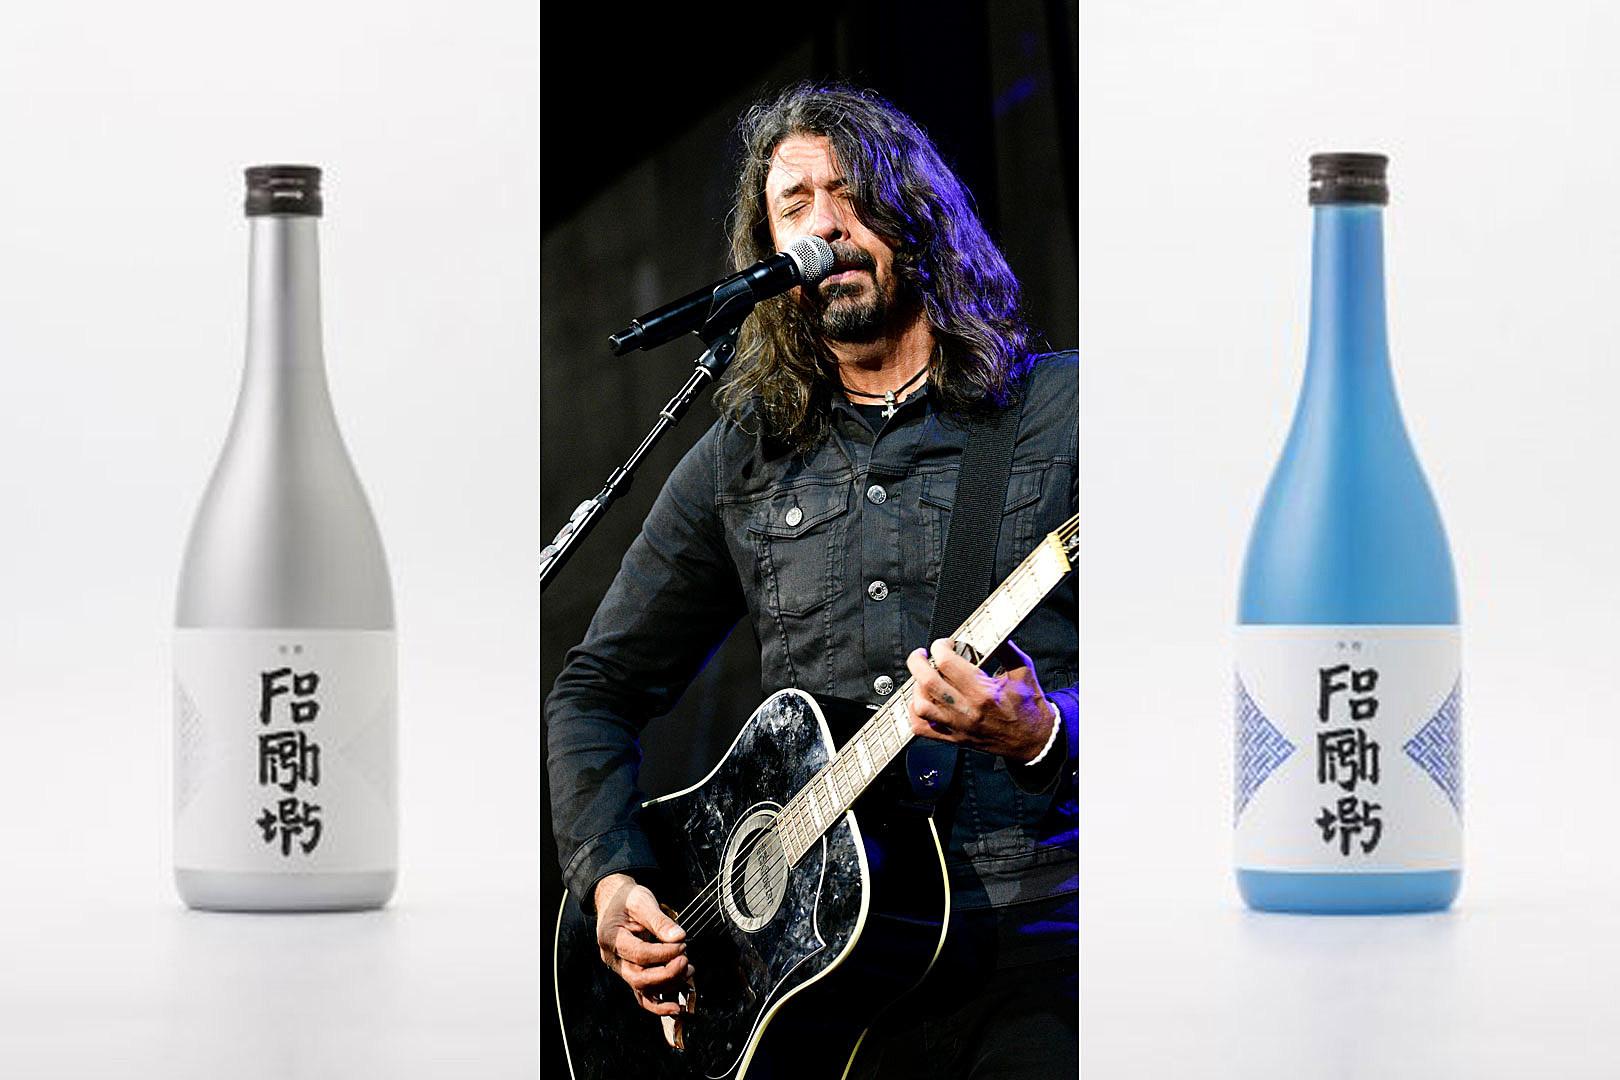 Foo Fighters Now Have a TATENOKAWA Sake